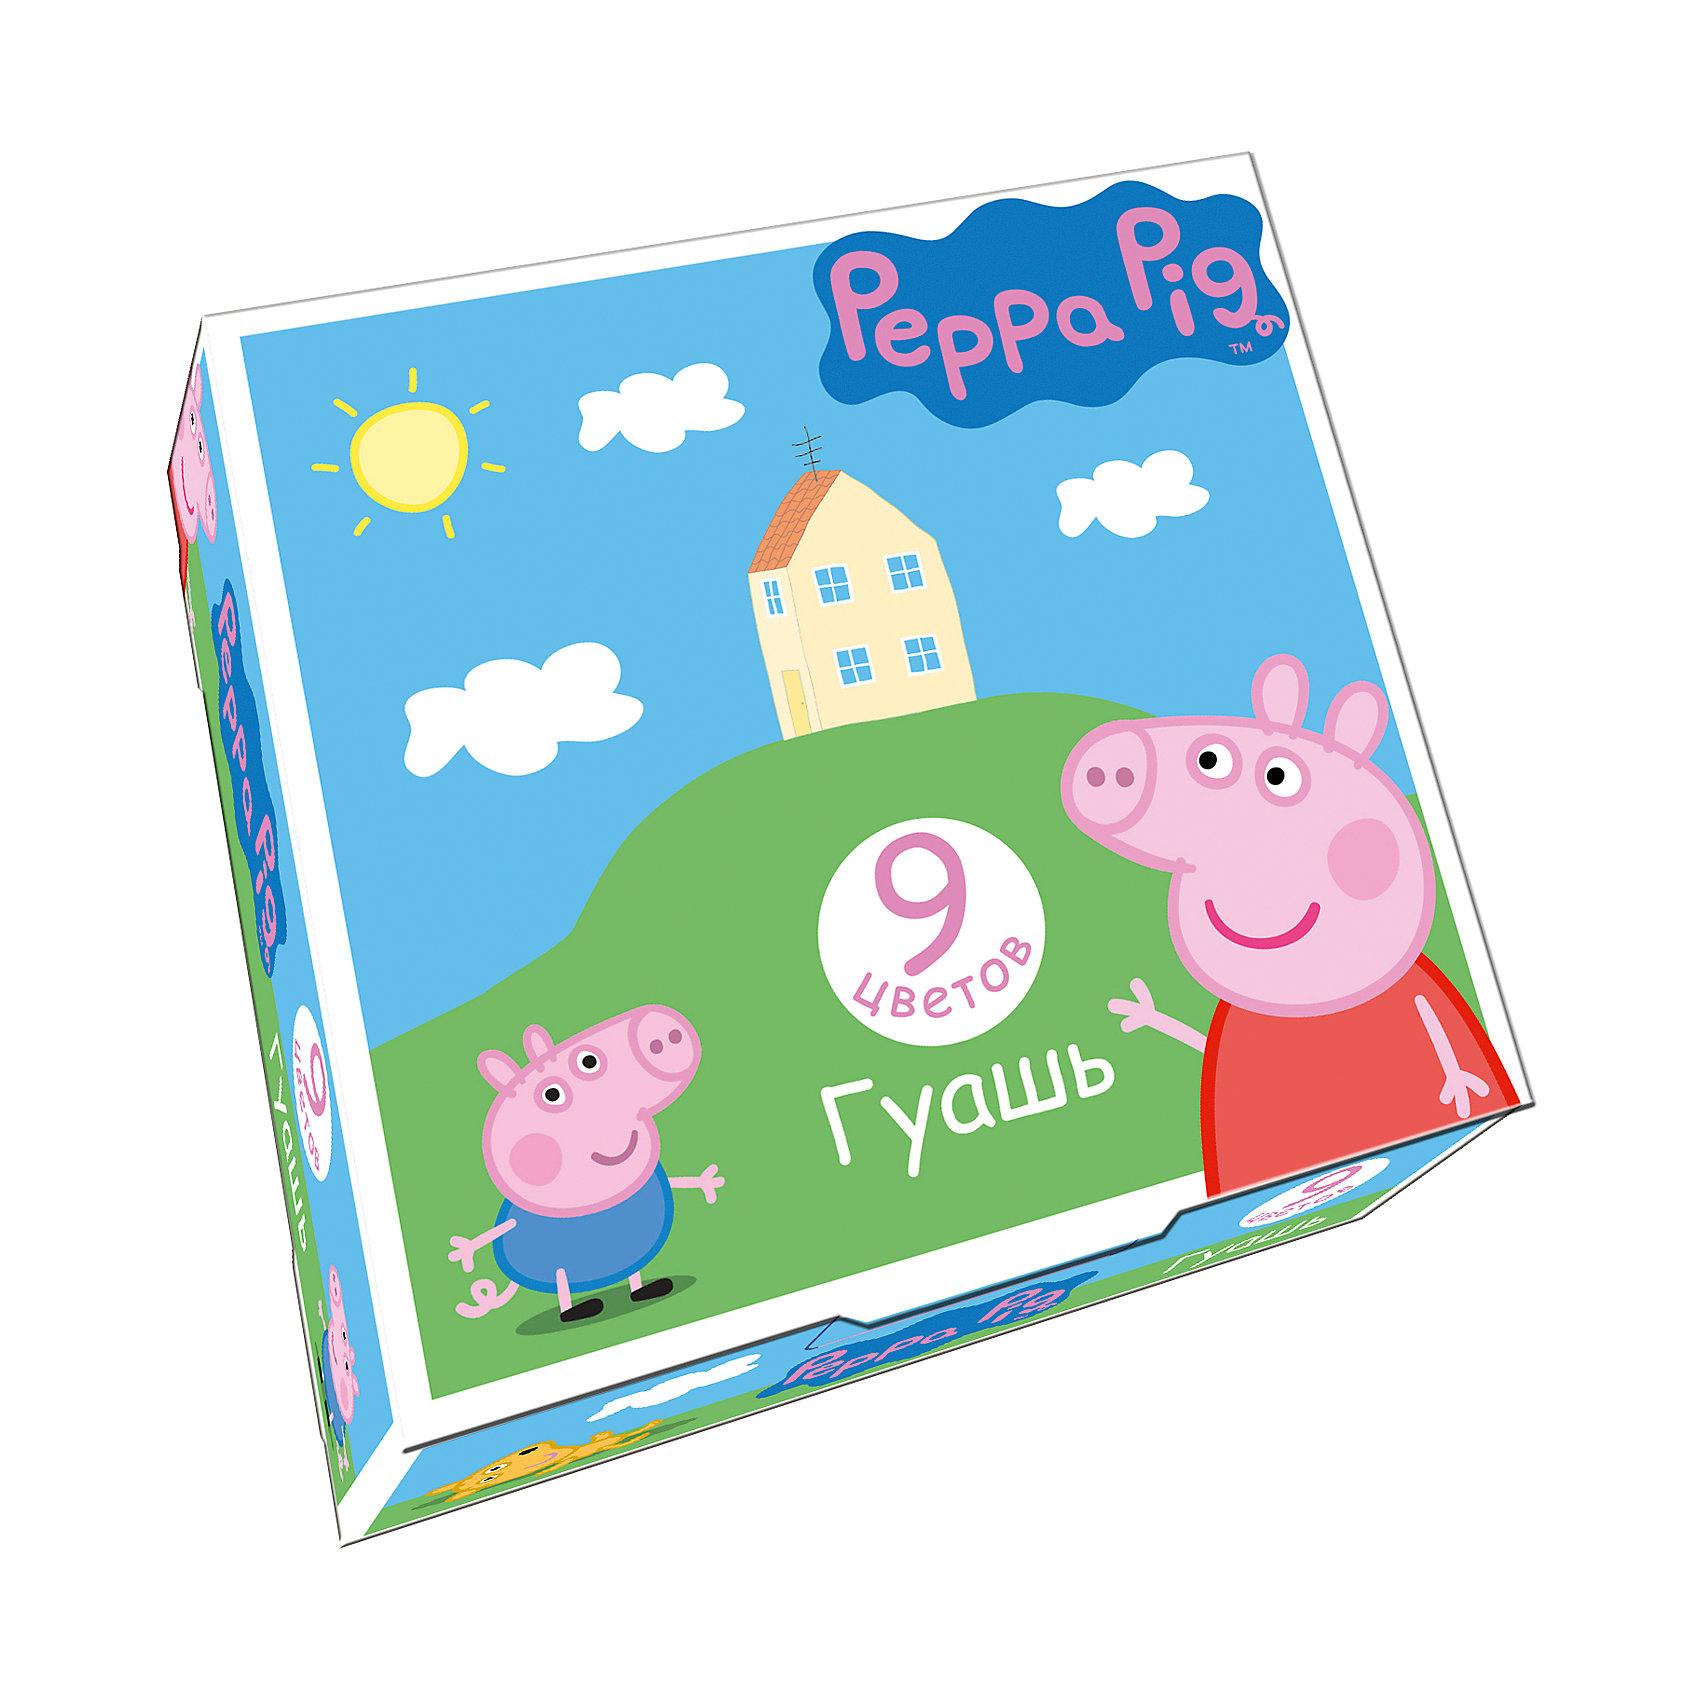 Гуашь Свинка Пеппа, 9 цветов, Peppa PigХарактеристики гуаши Свинка Пеппа, 9 цветов, Peppa Pig:<br><br>• возраст: от 3 лет<br>• пол: для мальчиков и девочек<br>• герой: Свинка Пеппа / Peppa Pig<br>• комплект: 9 баночек с гуашью.<br>• размер упаковки: 11.3 х 10.8 x 3.5 см.<br>• упаковка: картонная коробка.<br>• состав: вода питьевая, метилцеллюлоза, пигменты органические и неорганические, глицерин. <br>• объем 1 баночки с гуашью: 17 мл.<br>• бренд: Росмэн<br>• страна обладатель бренда: Россия.<br><br>В наборе Свинка Пеппа 9 насыщенных цветов гуаши в прозрачных баночках по 17 мл с навинчивающимися крышками. Краска идеально подходит для рисования на бумаге, картоне, холсте, ткани и фанере: она хорошо размывается водой, легко наносится, при высыхании приобретает матовую, бархатистую поверхность. Гуашь легко смывается с рук и одежды, безопасна при использовании по назначению. Срок годности: 18 месяцев. <br><br>Гуашь Свинка Пеппа, 9 цветов, Peppa Pig торговой марки Росмен можно купить в нашем интернет-магазине.<br><br>Ширина мм: 113<br>Глубина мм: 108<br>Высота мм: 350<br>Вес г: 249<br>Возраст от месяцев: 36<br>Возраст до месяцев: 2147483647<br>Пол: Унисекс<br>Возраст: Детский<br>SKU: 5453350